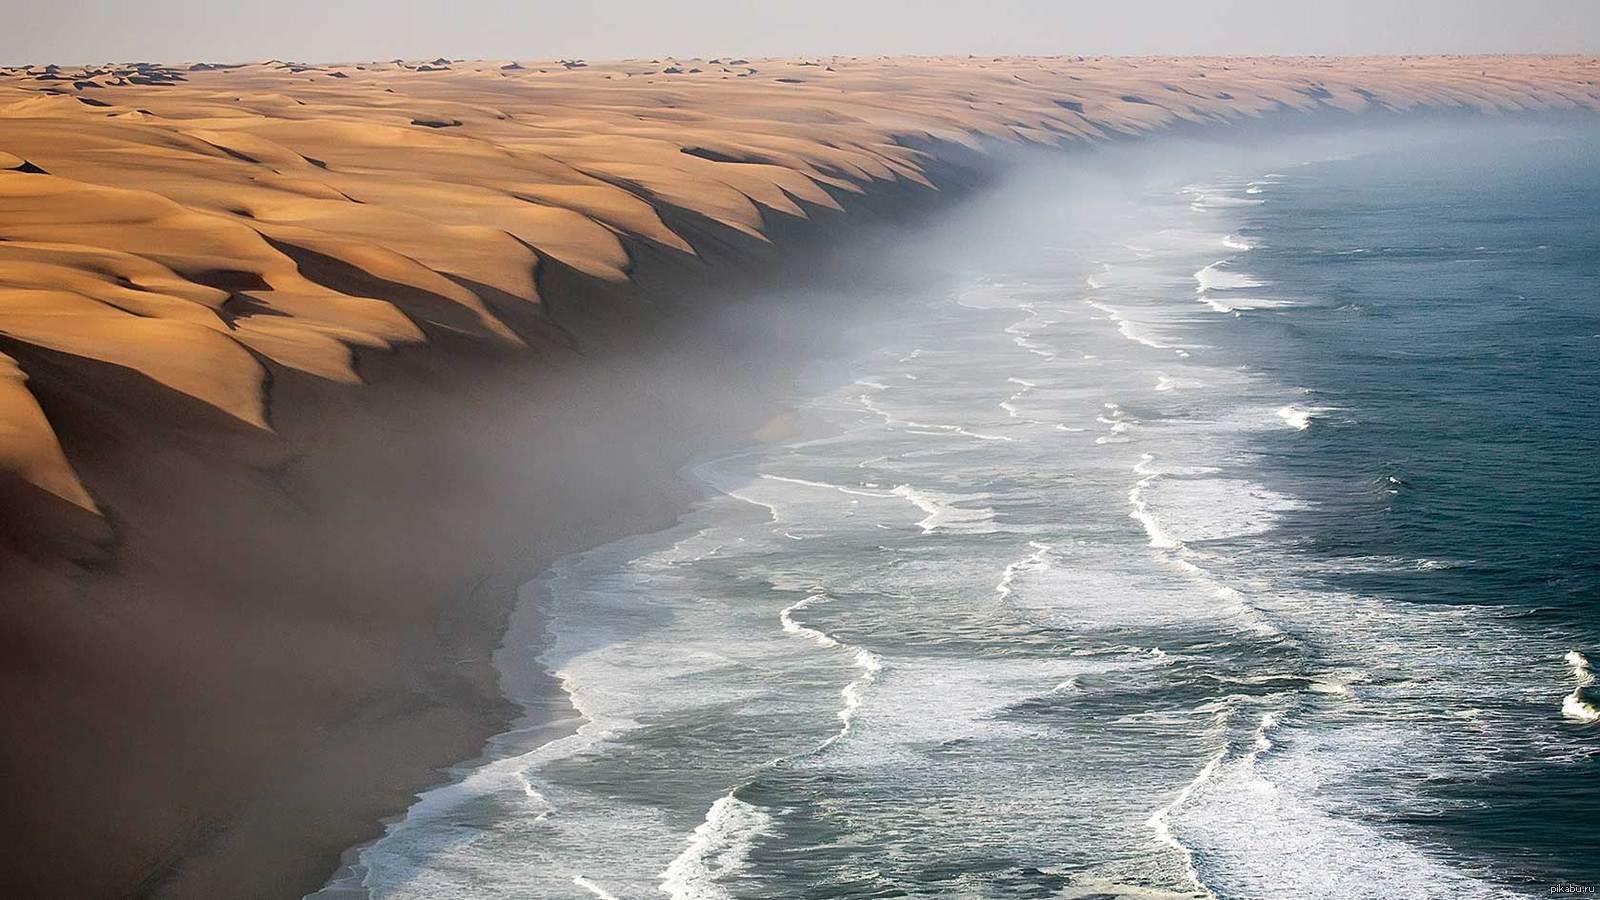 просмотра этих пустыня намиб встречается с морем фото то